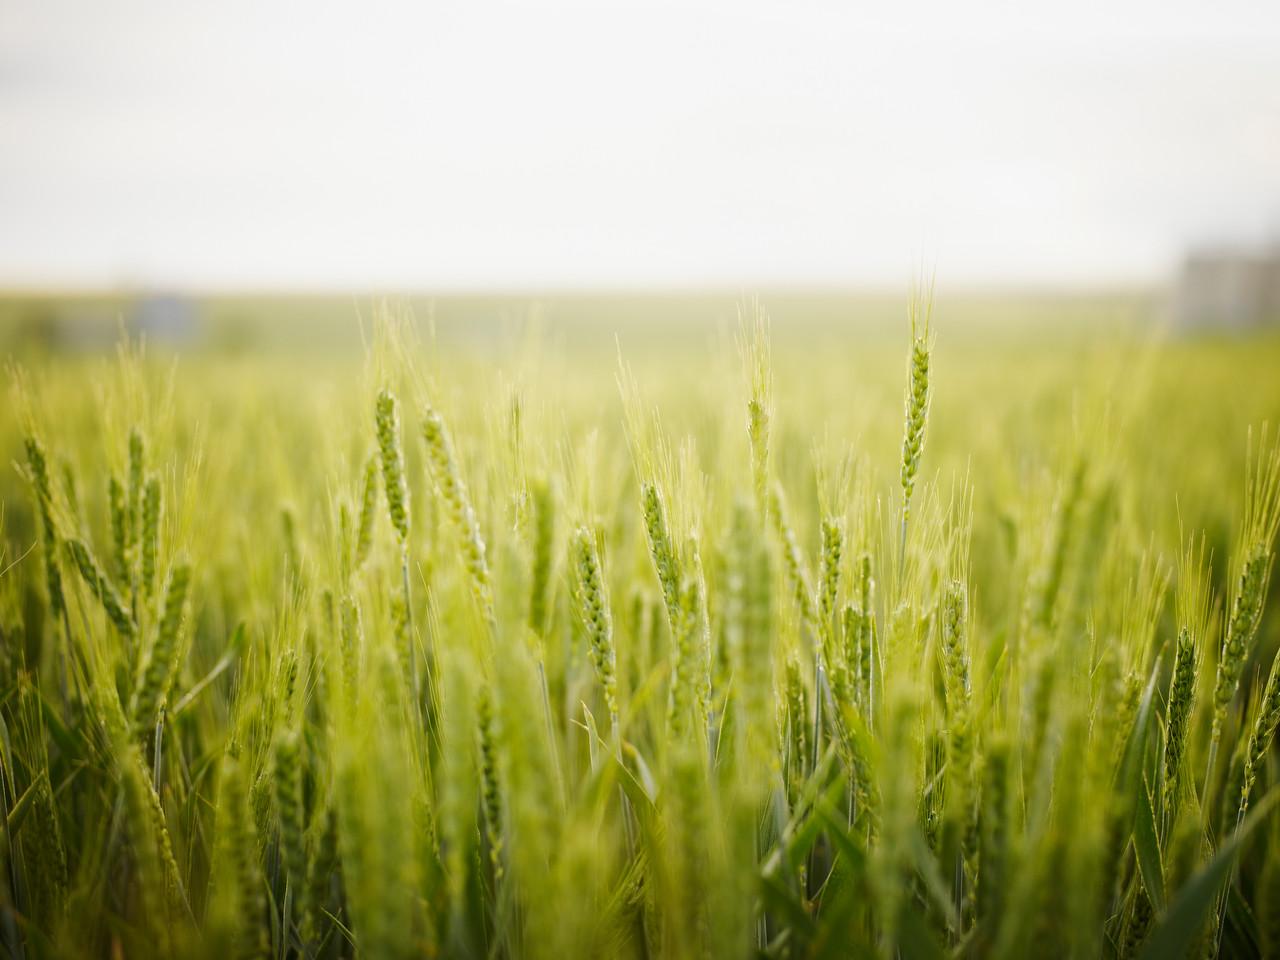 3762_grain-landscape-33